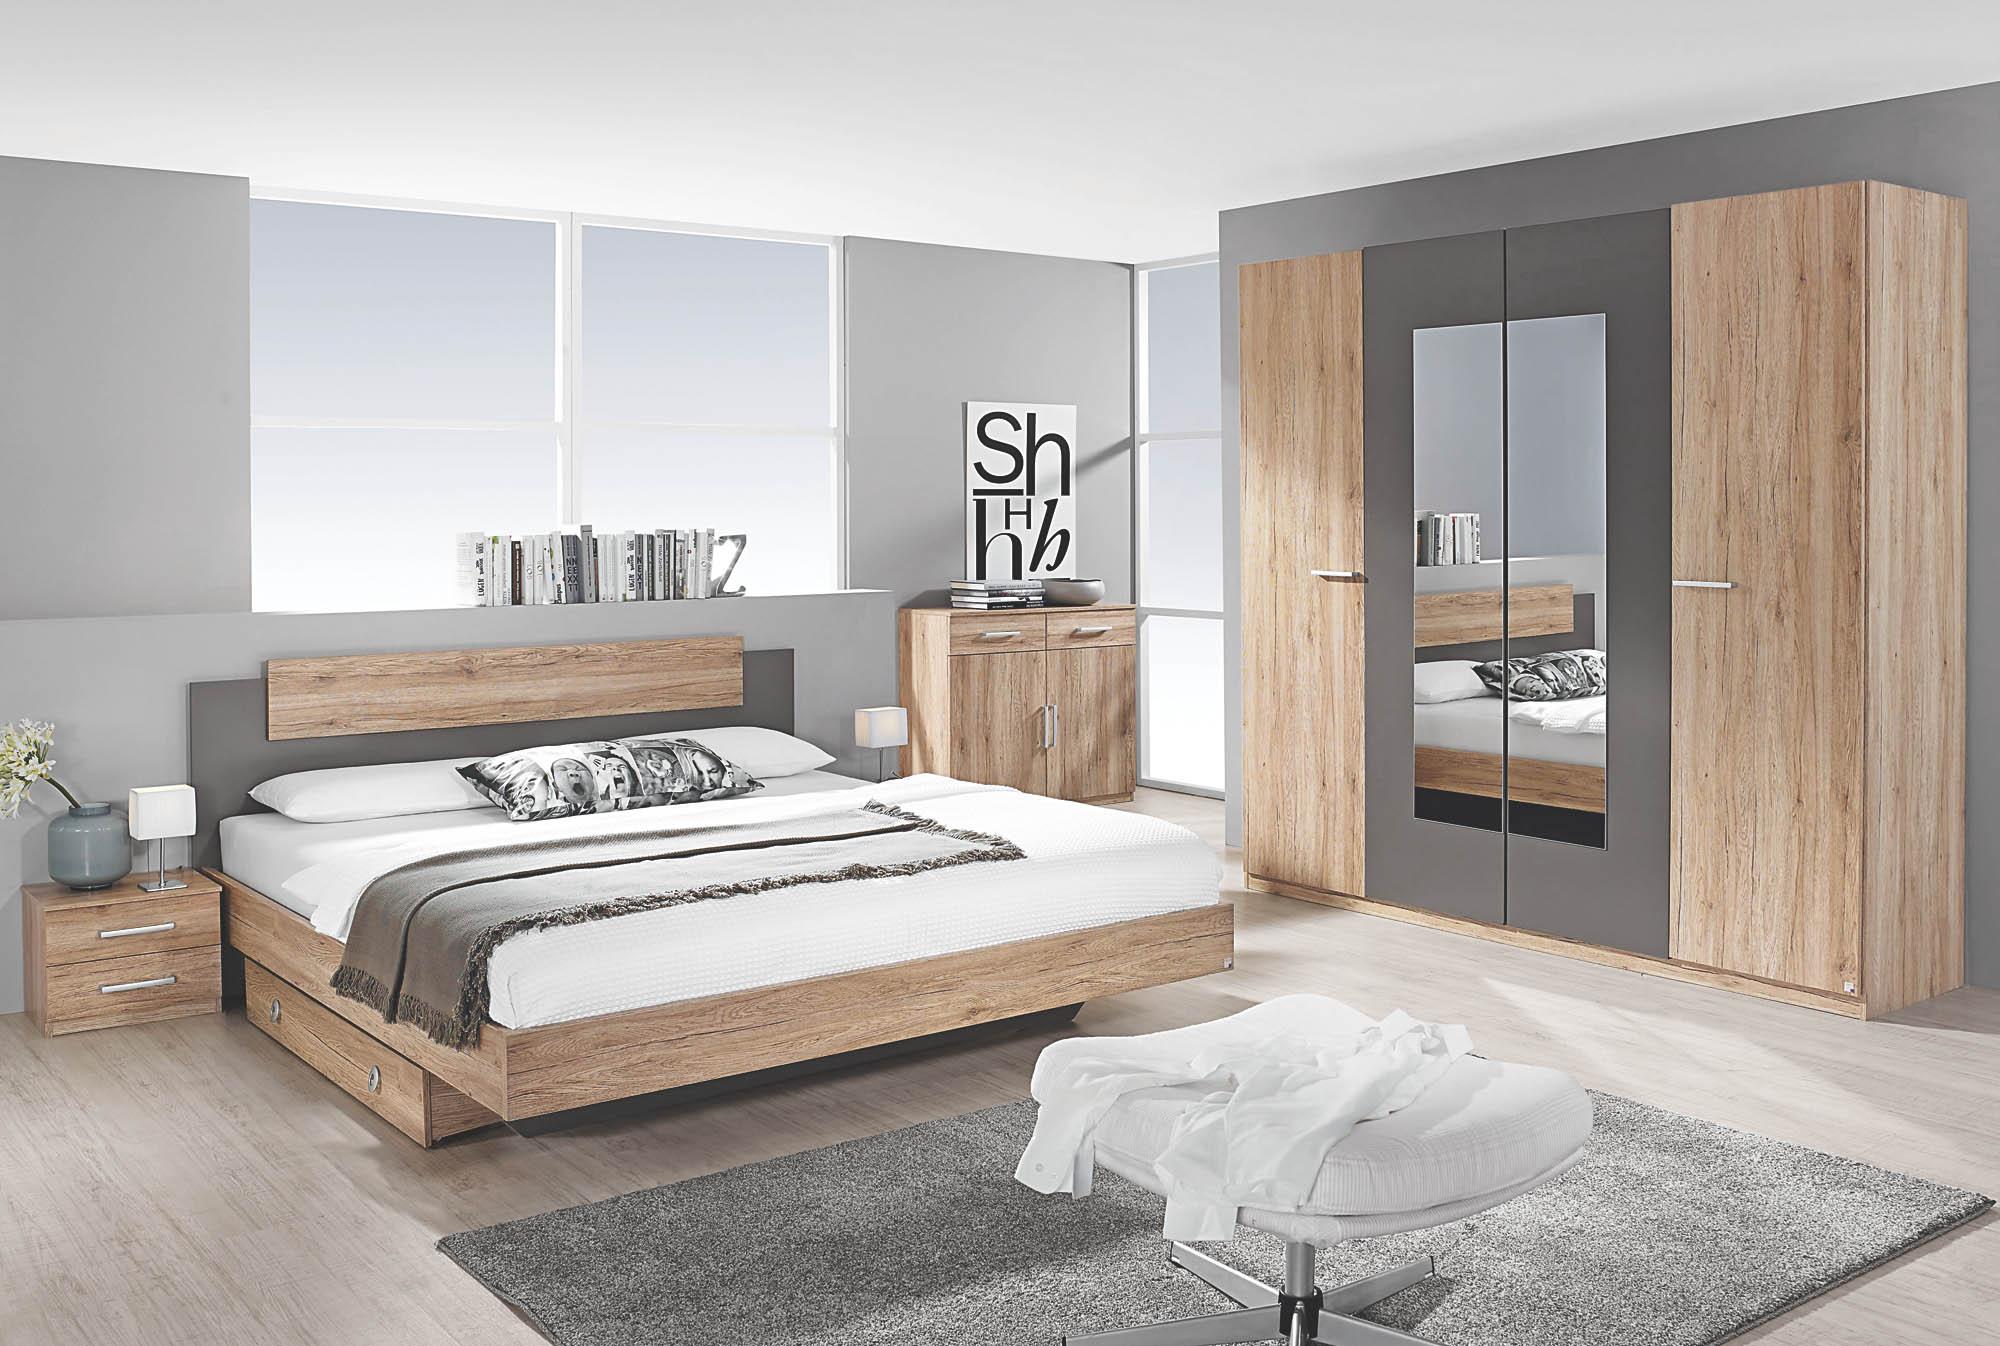 Full Size of Bett Sonoma Eiche 140x200 Schlafzimmer 4 Tlg Borba Von Rauch Packs Mit 160x200 Kopfteil Selber Bauen Konfigurieren Ohne Regal Massiv Skandinavisch Bett Bett Sonoma Eiche 140x200